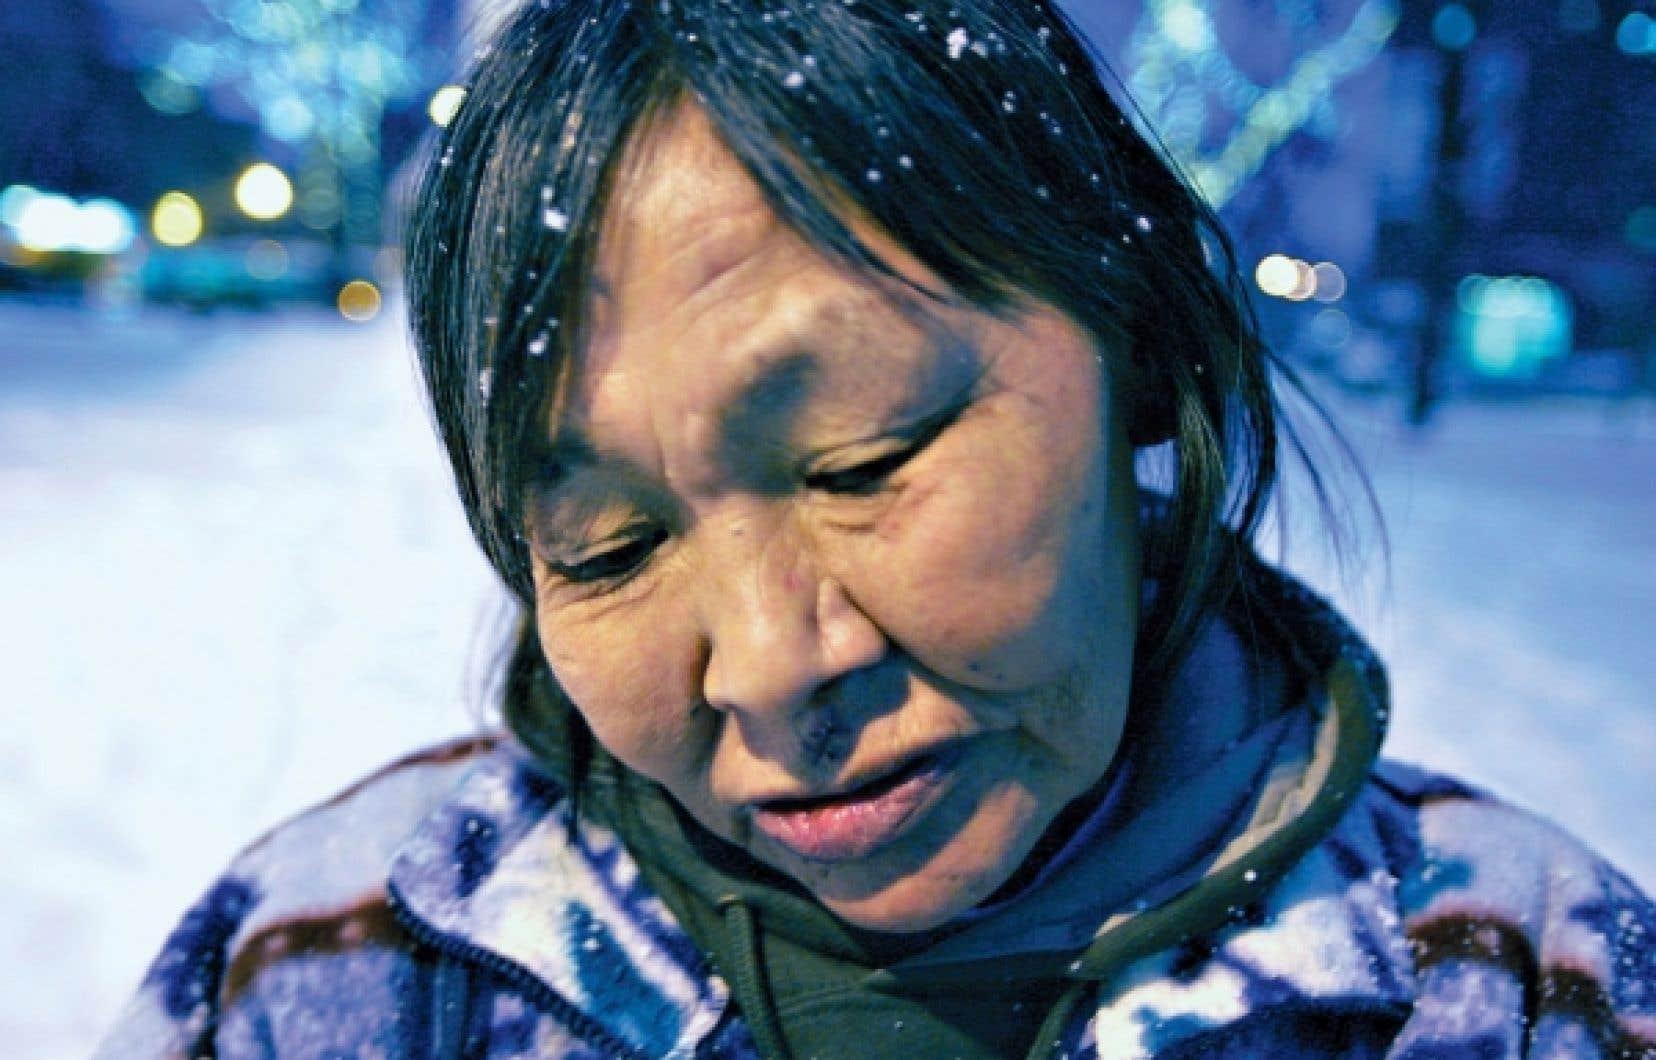 Marginalisées et victimes de discrimination, elles se retrouvent encore trop souvent dans la rue, appauvries par un filet de sécurité sociale inadéquat.